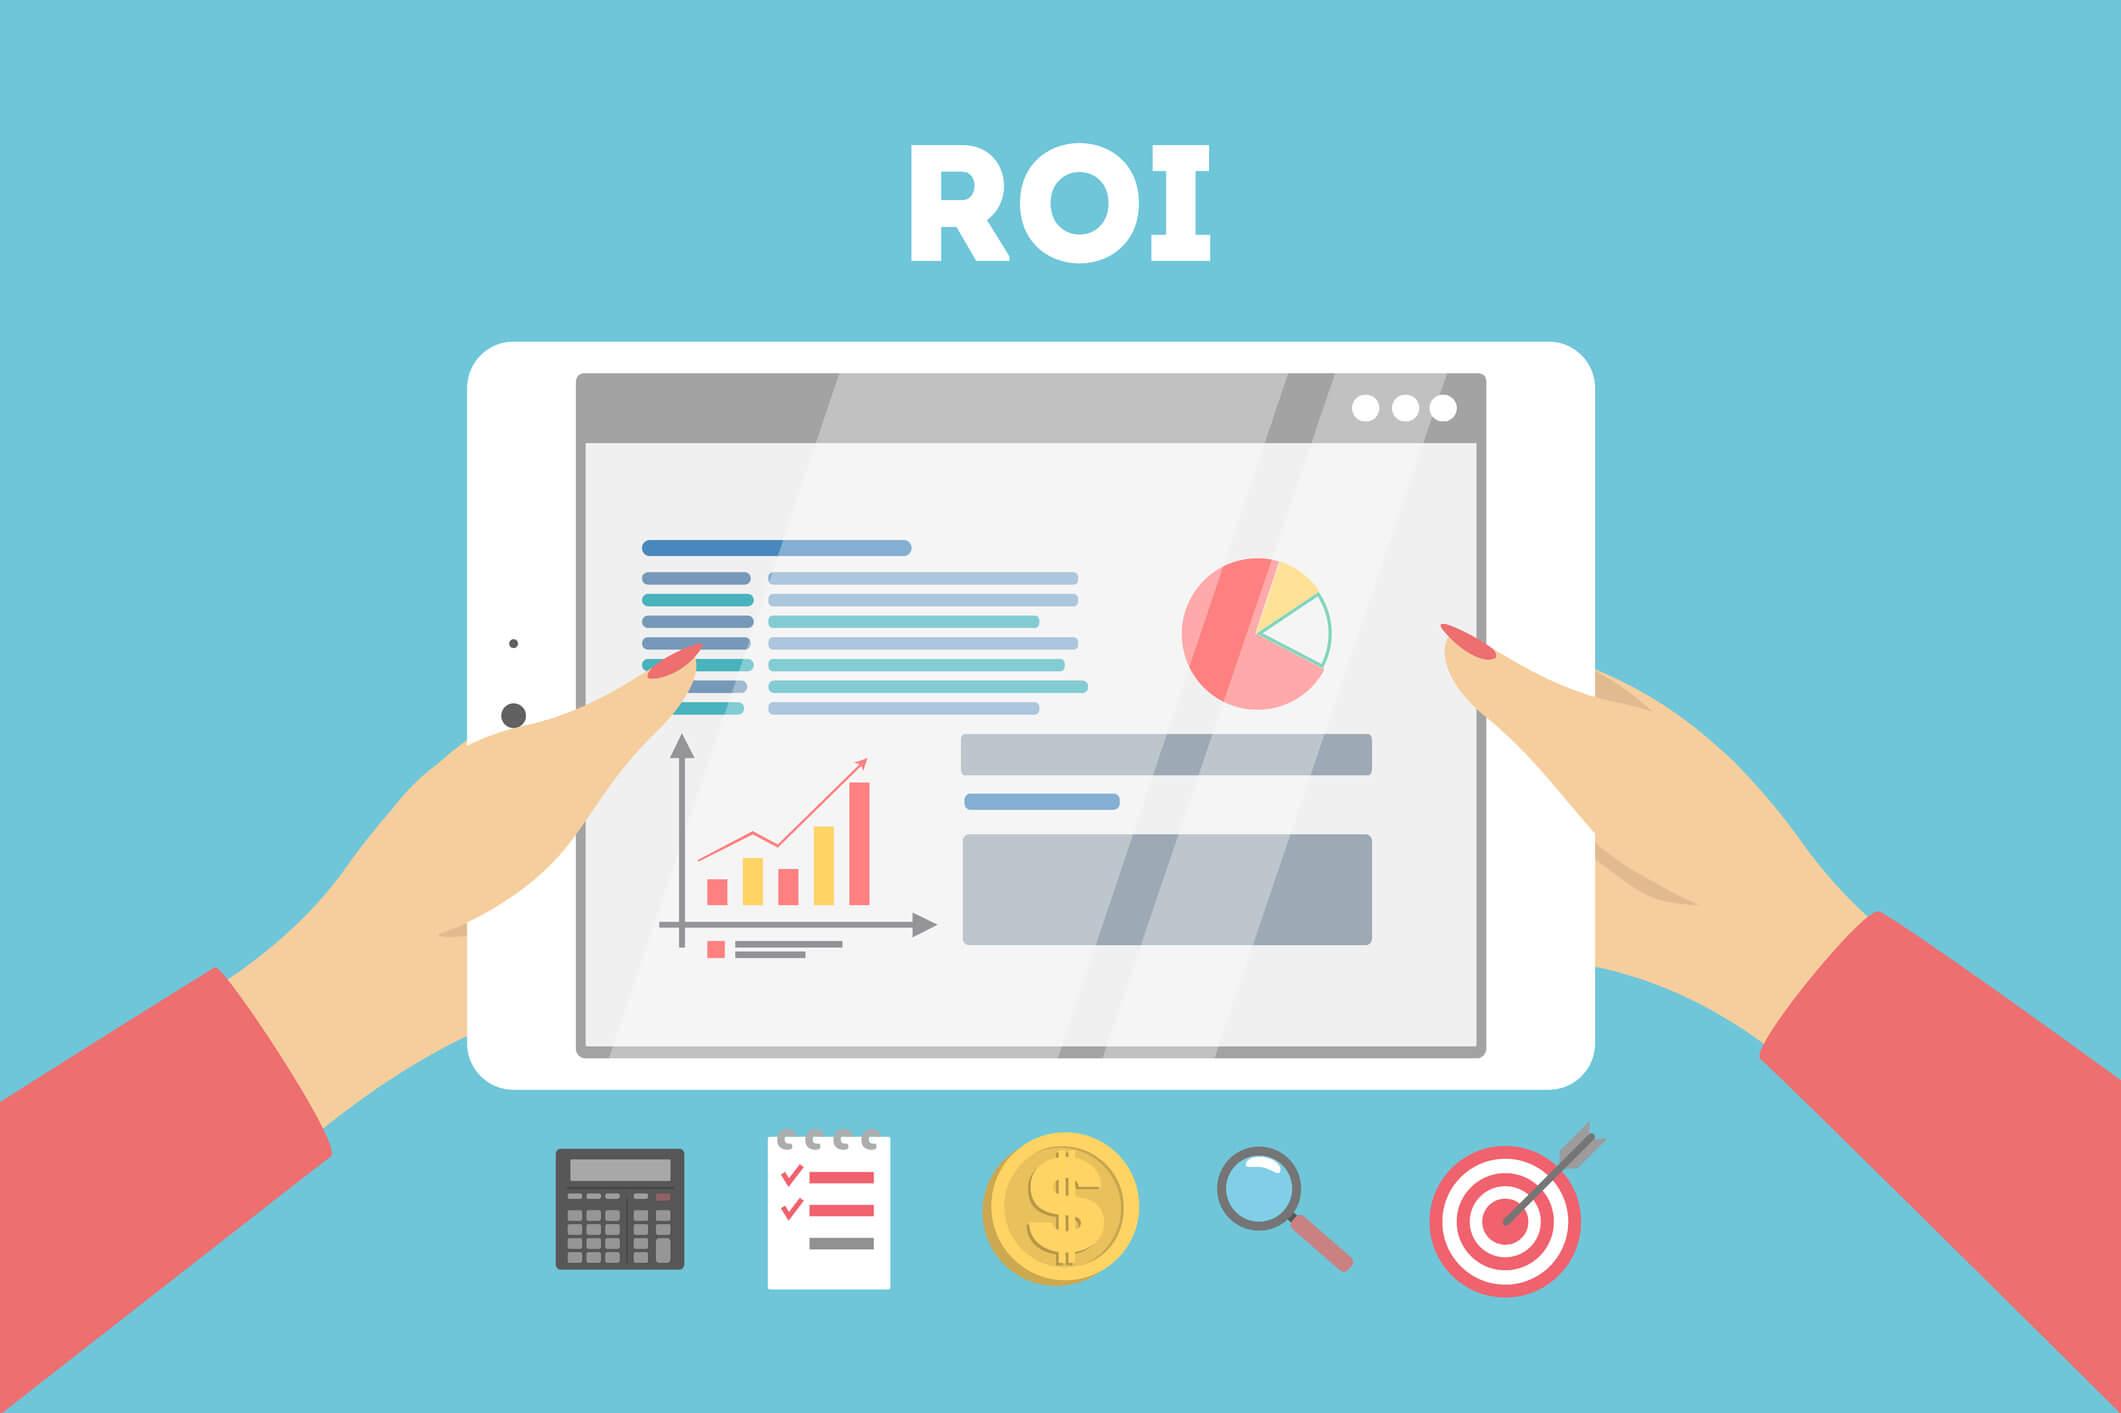 Marketing-ROI: So beweisen Sie den Wert Ihrer Kampagnen